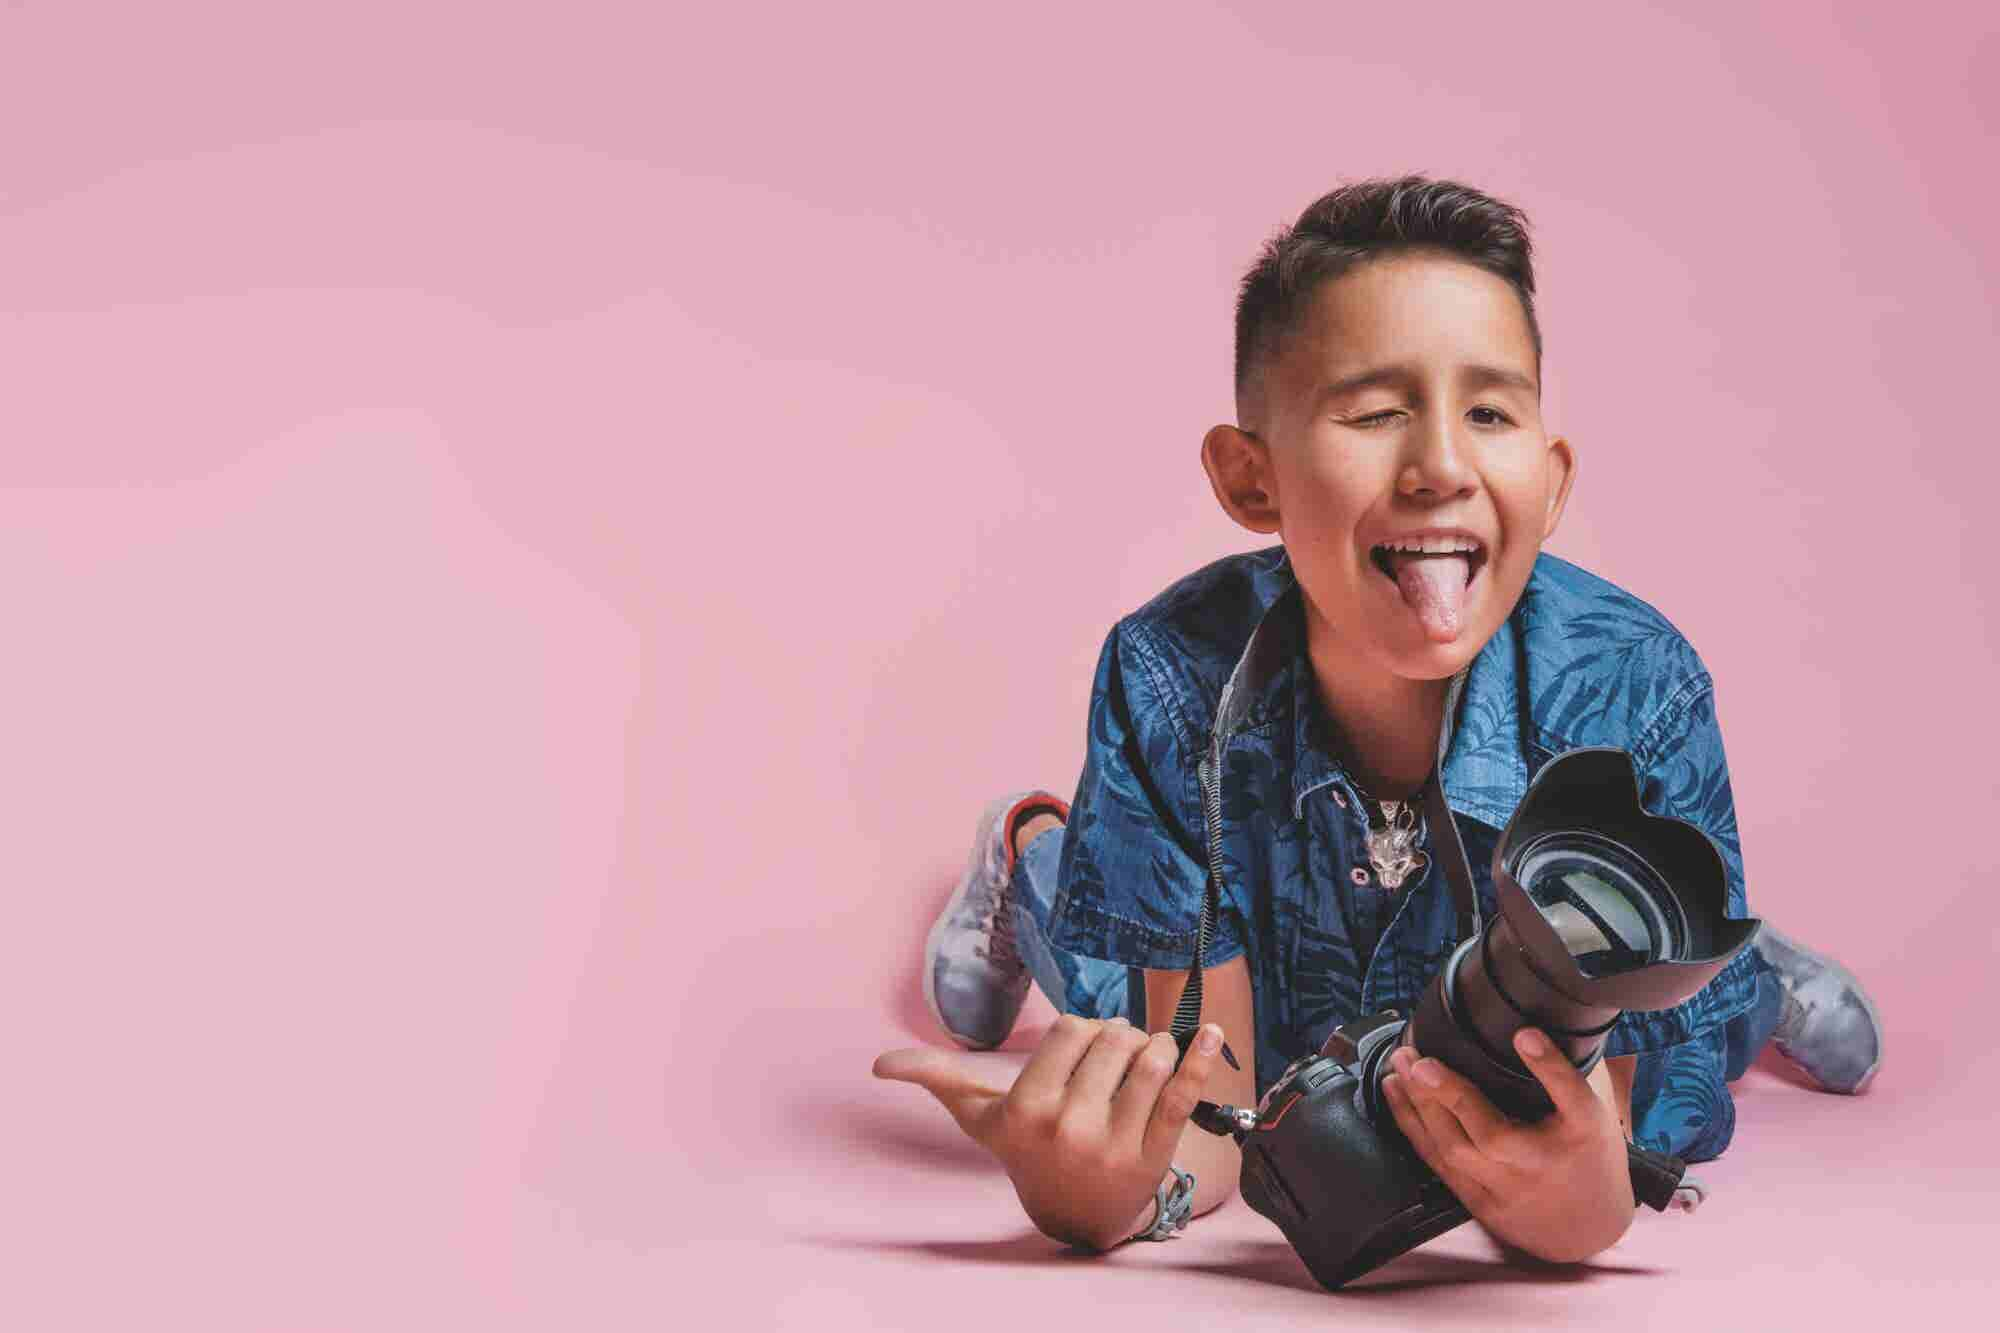 Este fotógrafo tiene 13 años, pero ya ha dado conferencias motivacionales en Universum